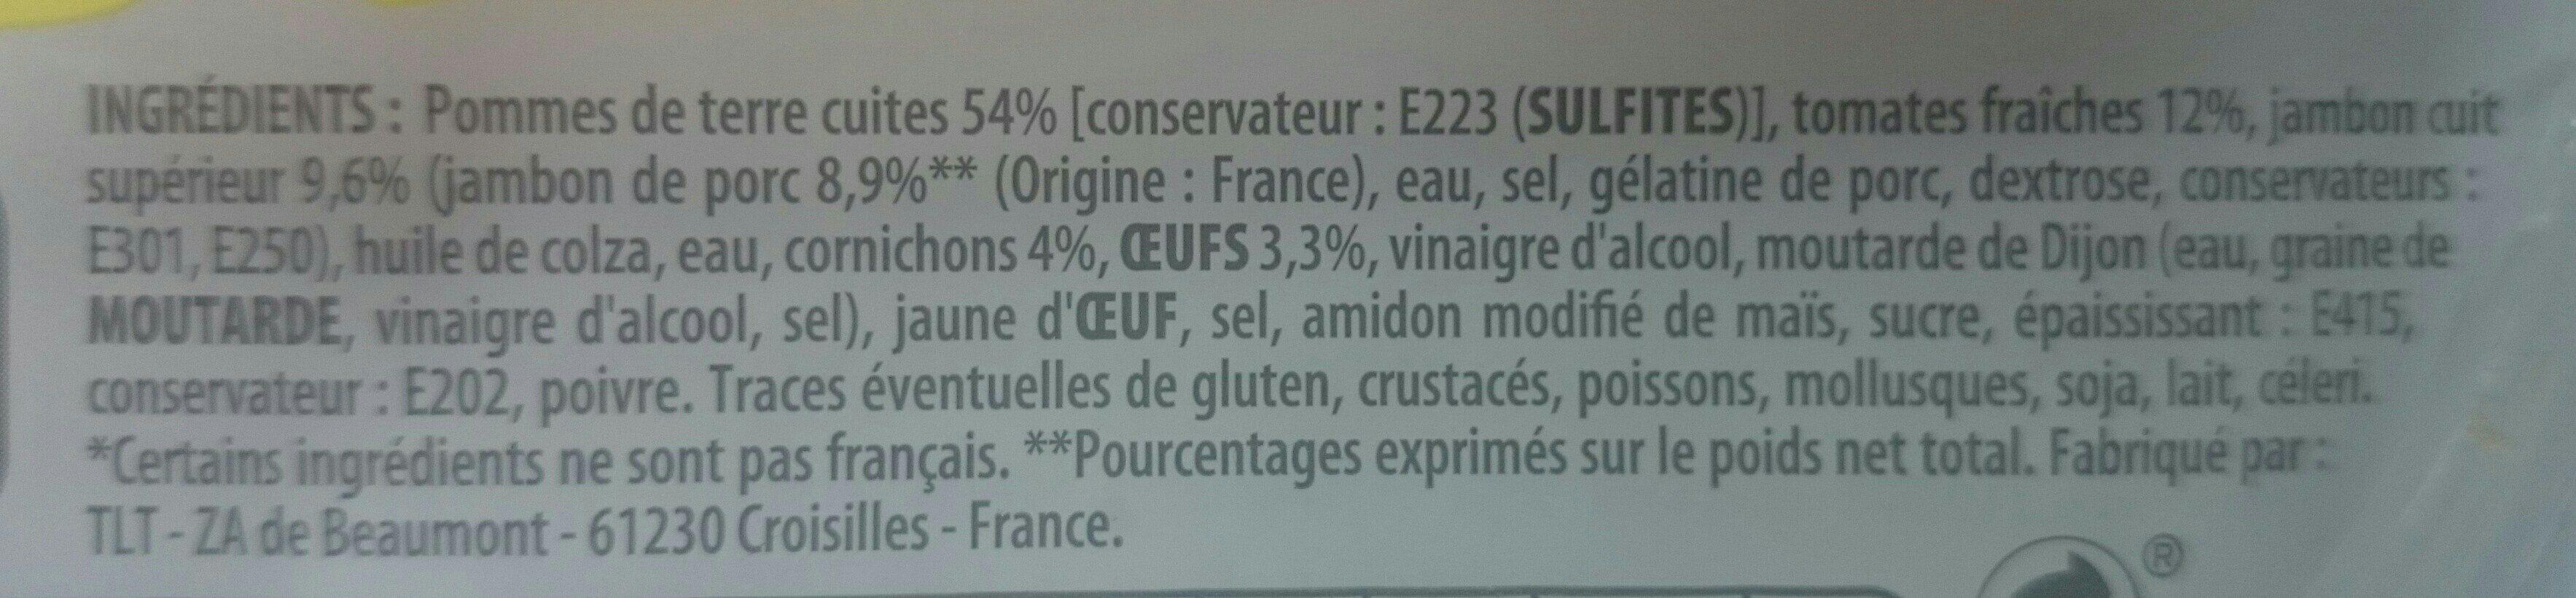 Piemontaise jambon supérieur et tomates fraîches - Ingrédients